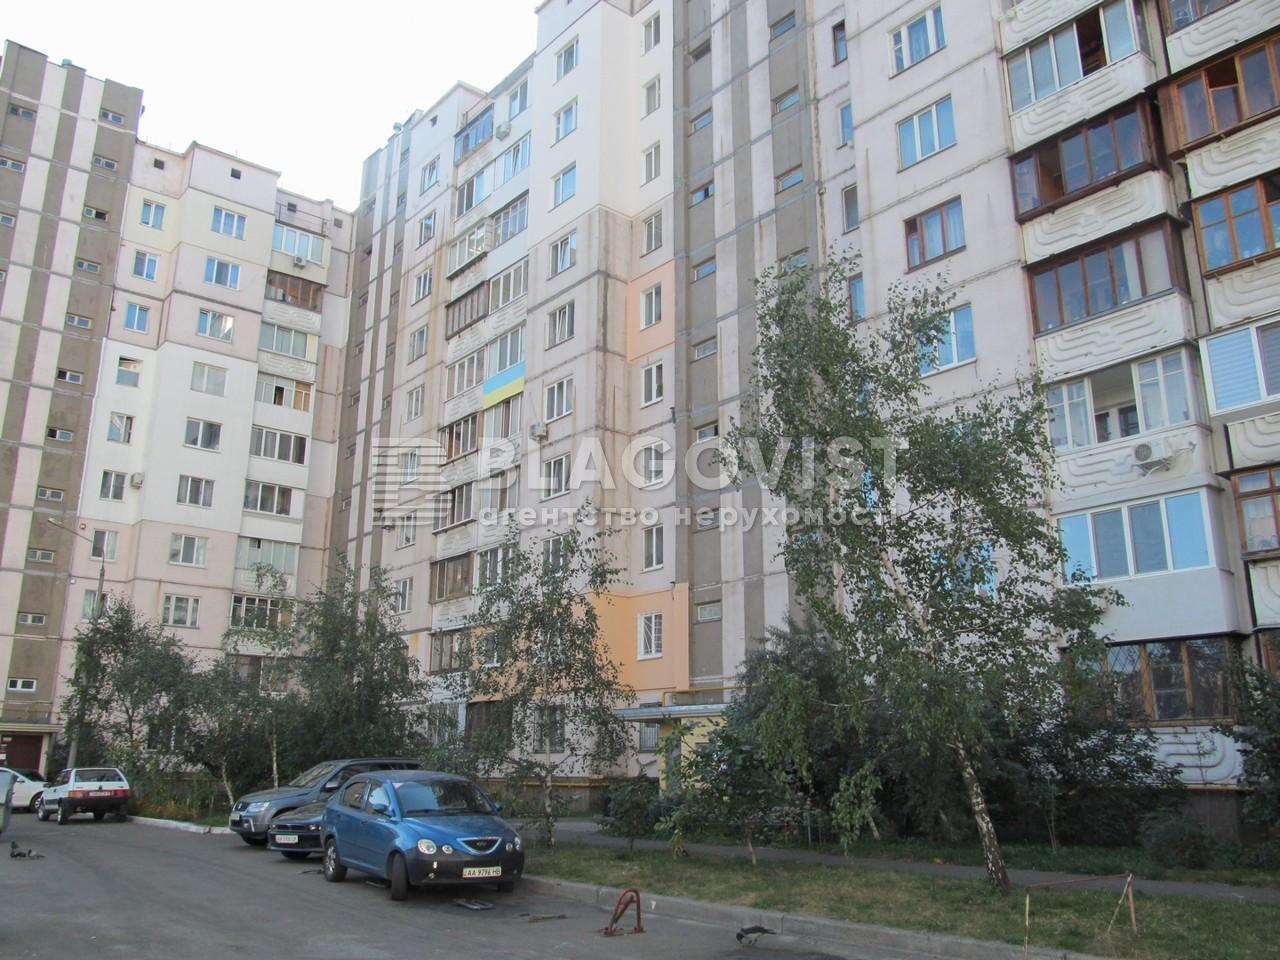 Квартира M-39116, Григоренко Петра просп., 7в, Киев - Фото 2